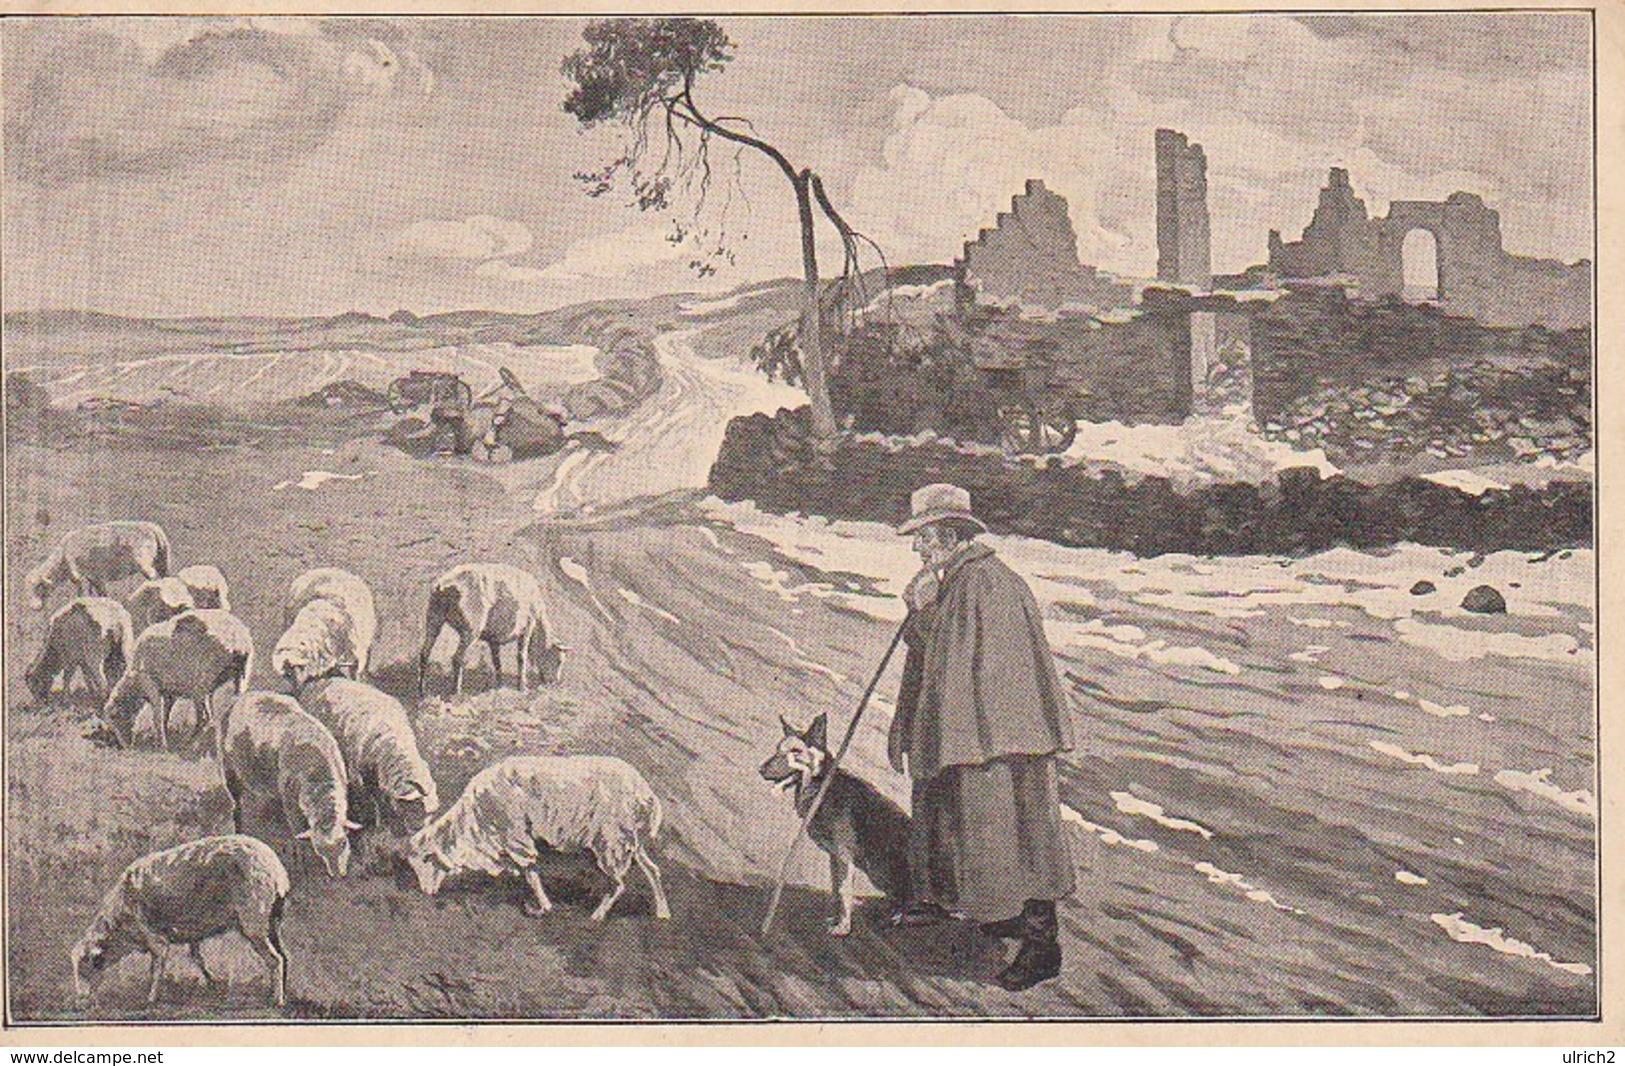 AK Neues Leben In Ostpreußen - N. Zeichnugn Willy Nitzsche - Schäfer Schafe - Reclams Universum - Feldpost 1916 (33065) - Ostpreussen